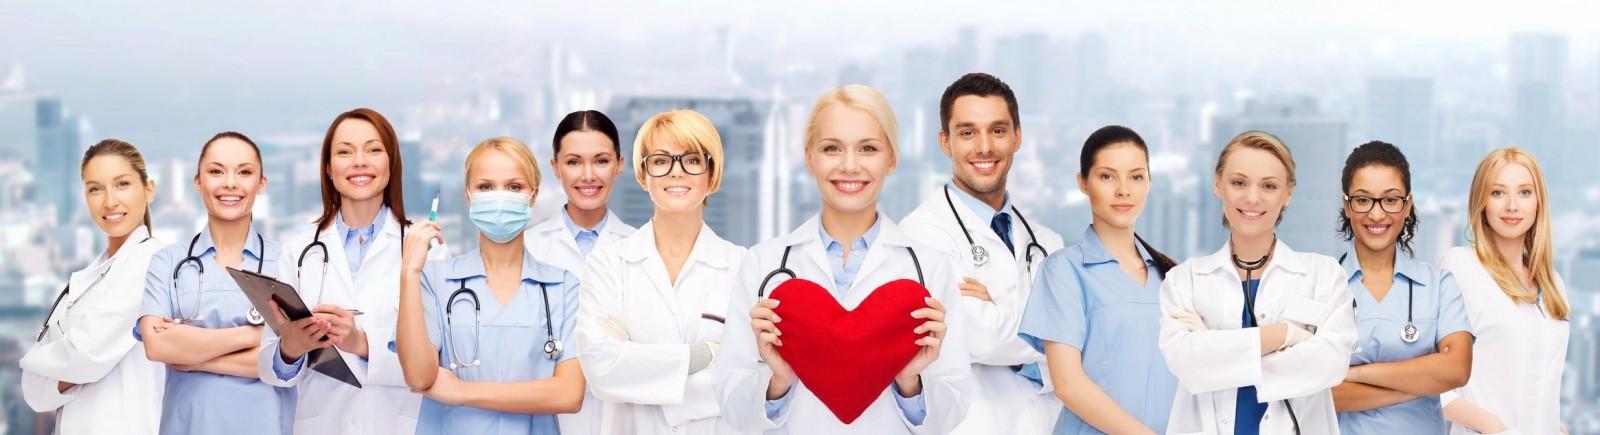 Seguro medico la web de seguros - Seguro medico caser ...